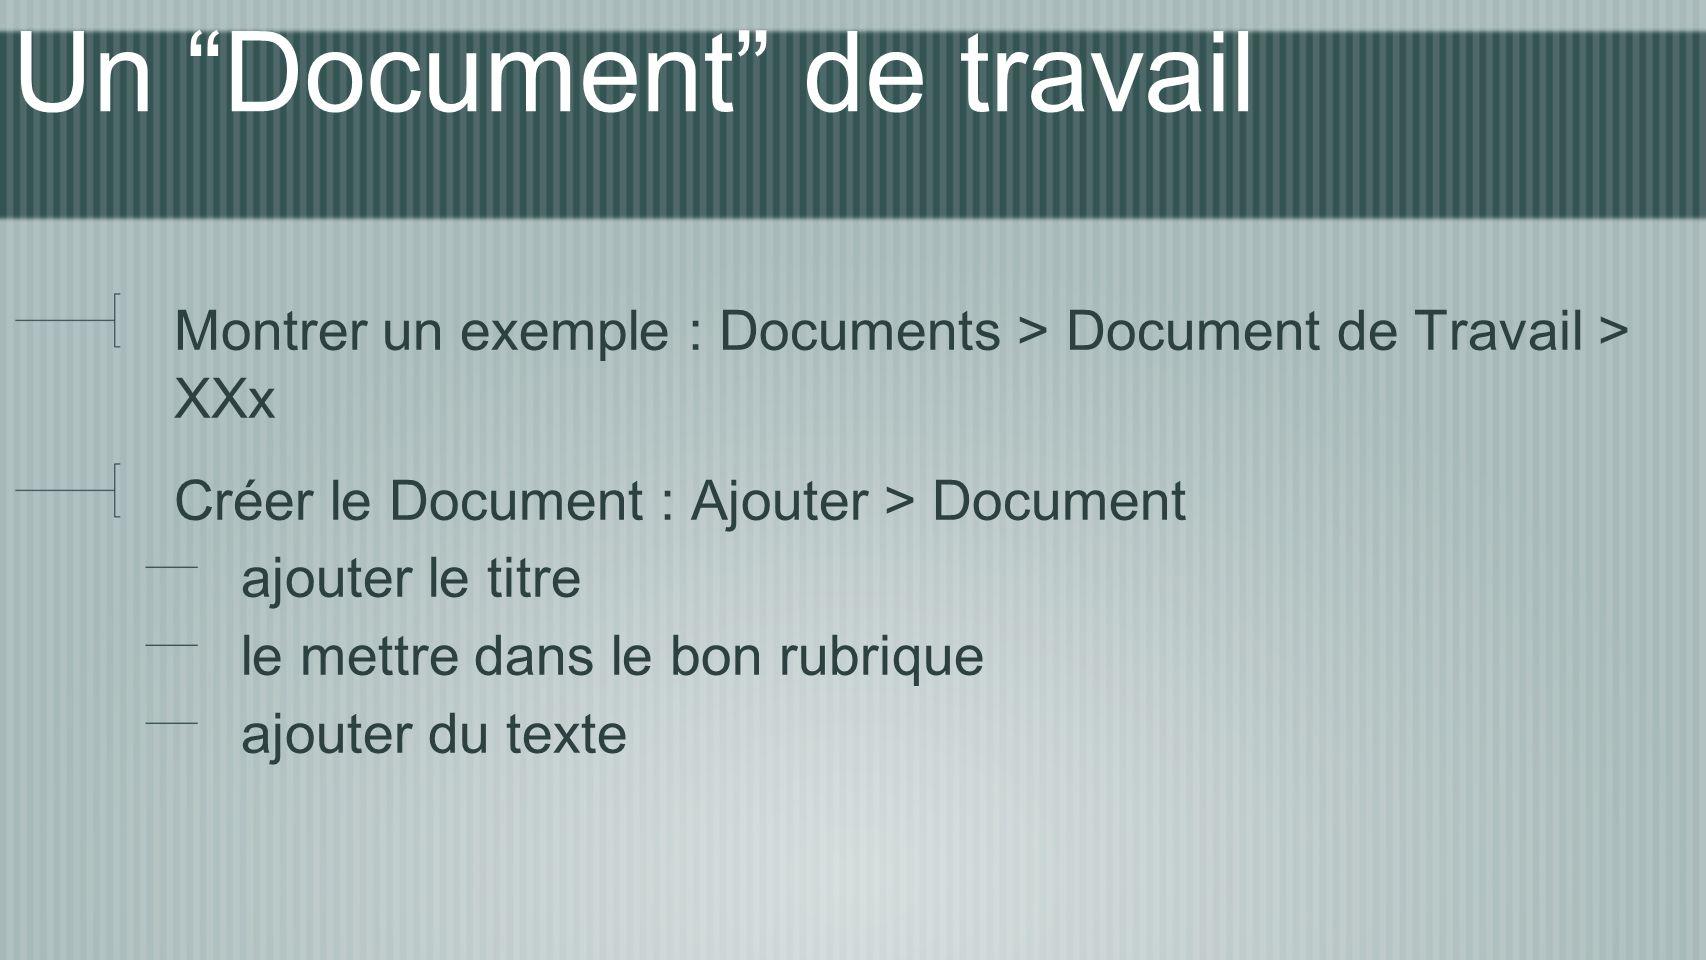 Un Document de travail Montrer un exemple : Documents > Document de Travail > XXx Créer le Document : Ajouter > Document ajouter le titre le mettre dans le bon rubrique ajouter du texte